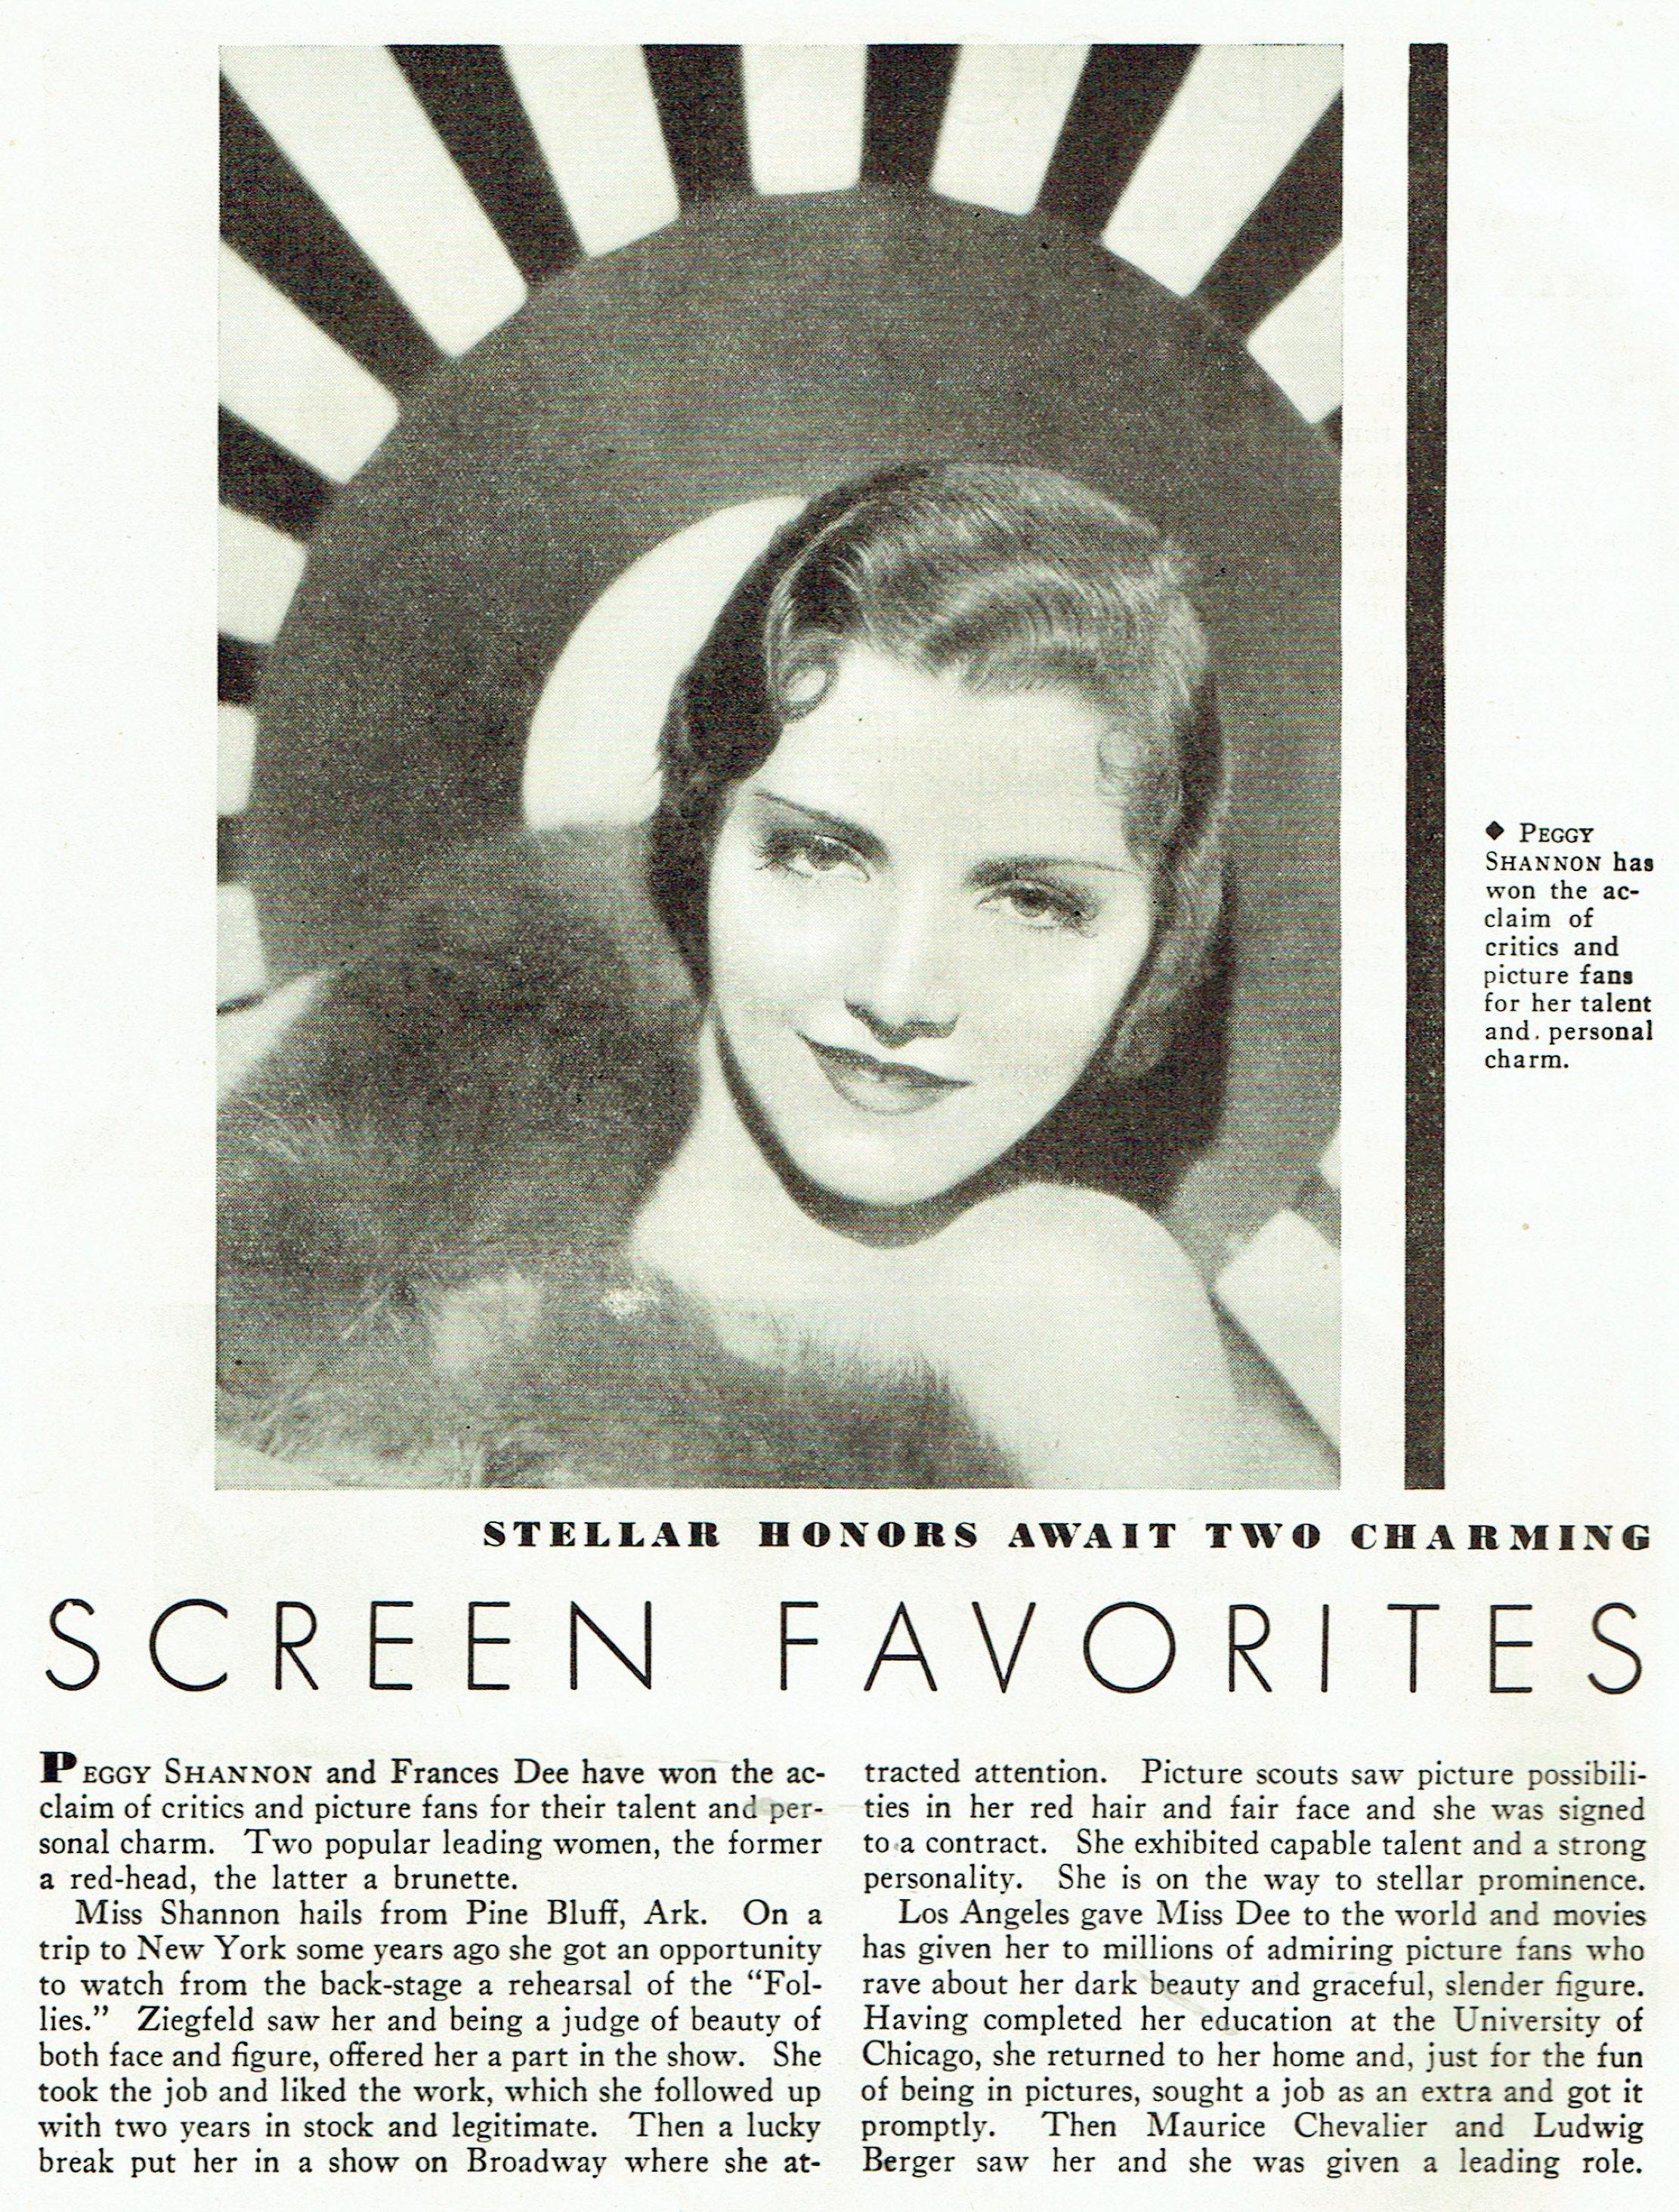 carole lombard publix theatre screen review april 1932na